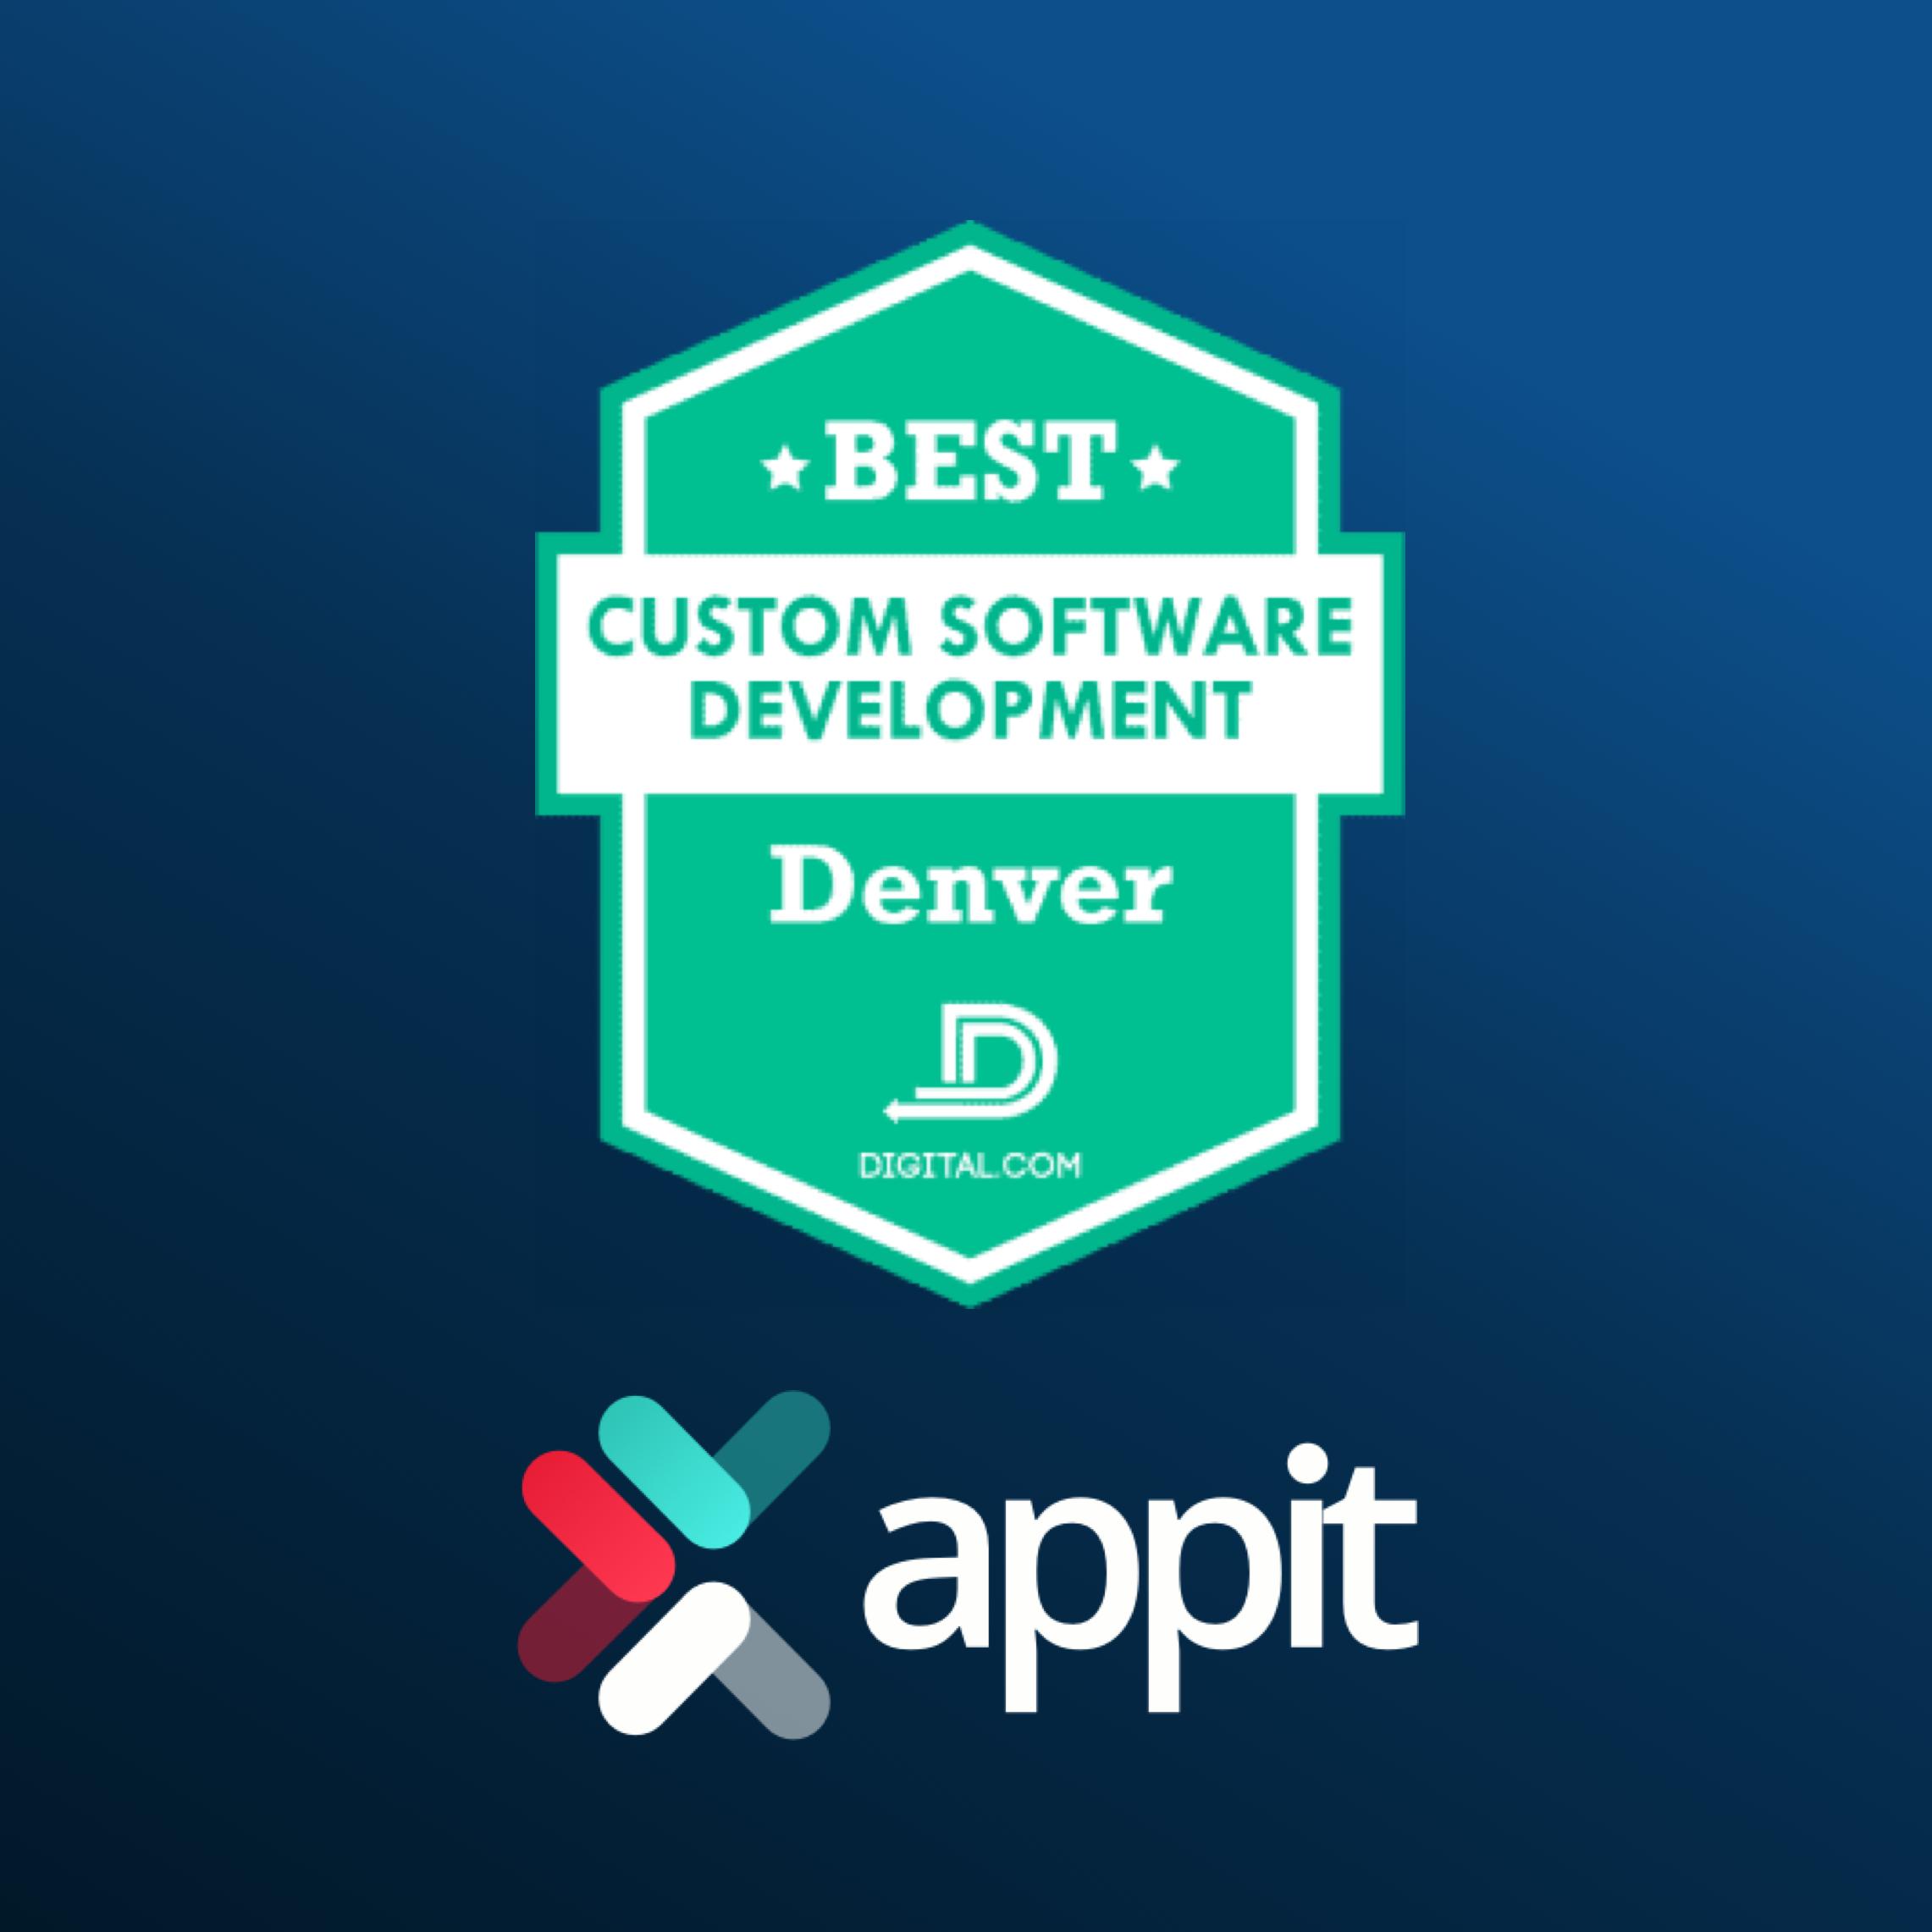 AppIt Ventures Named Best Custom Software Developer in Denver by Digital.com